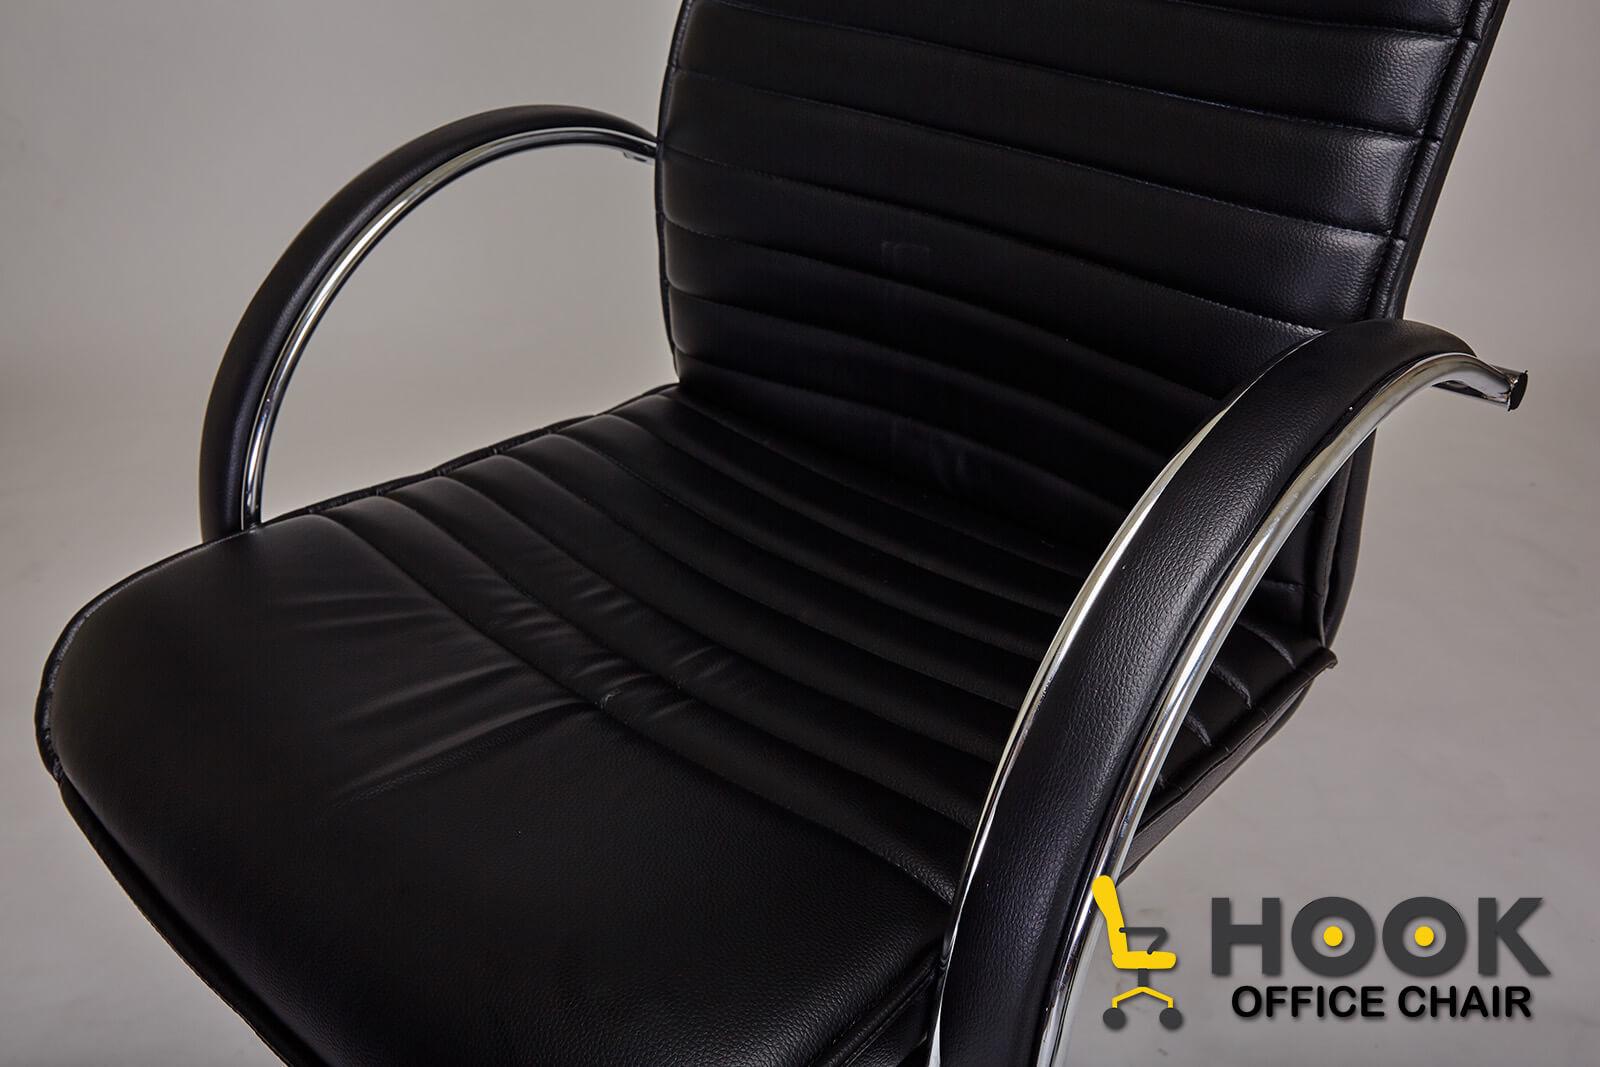 เก้าอี้ผู้บริหาร เก้าอี้สำนักงาน รุ่น H03-009